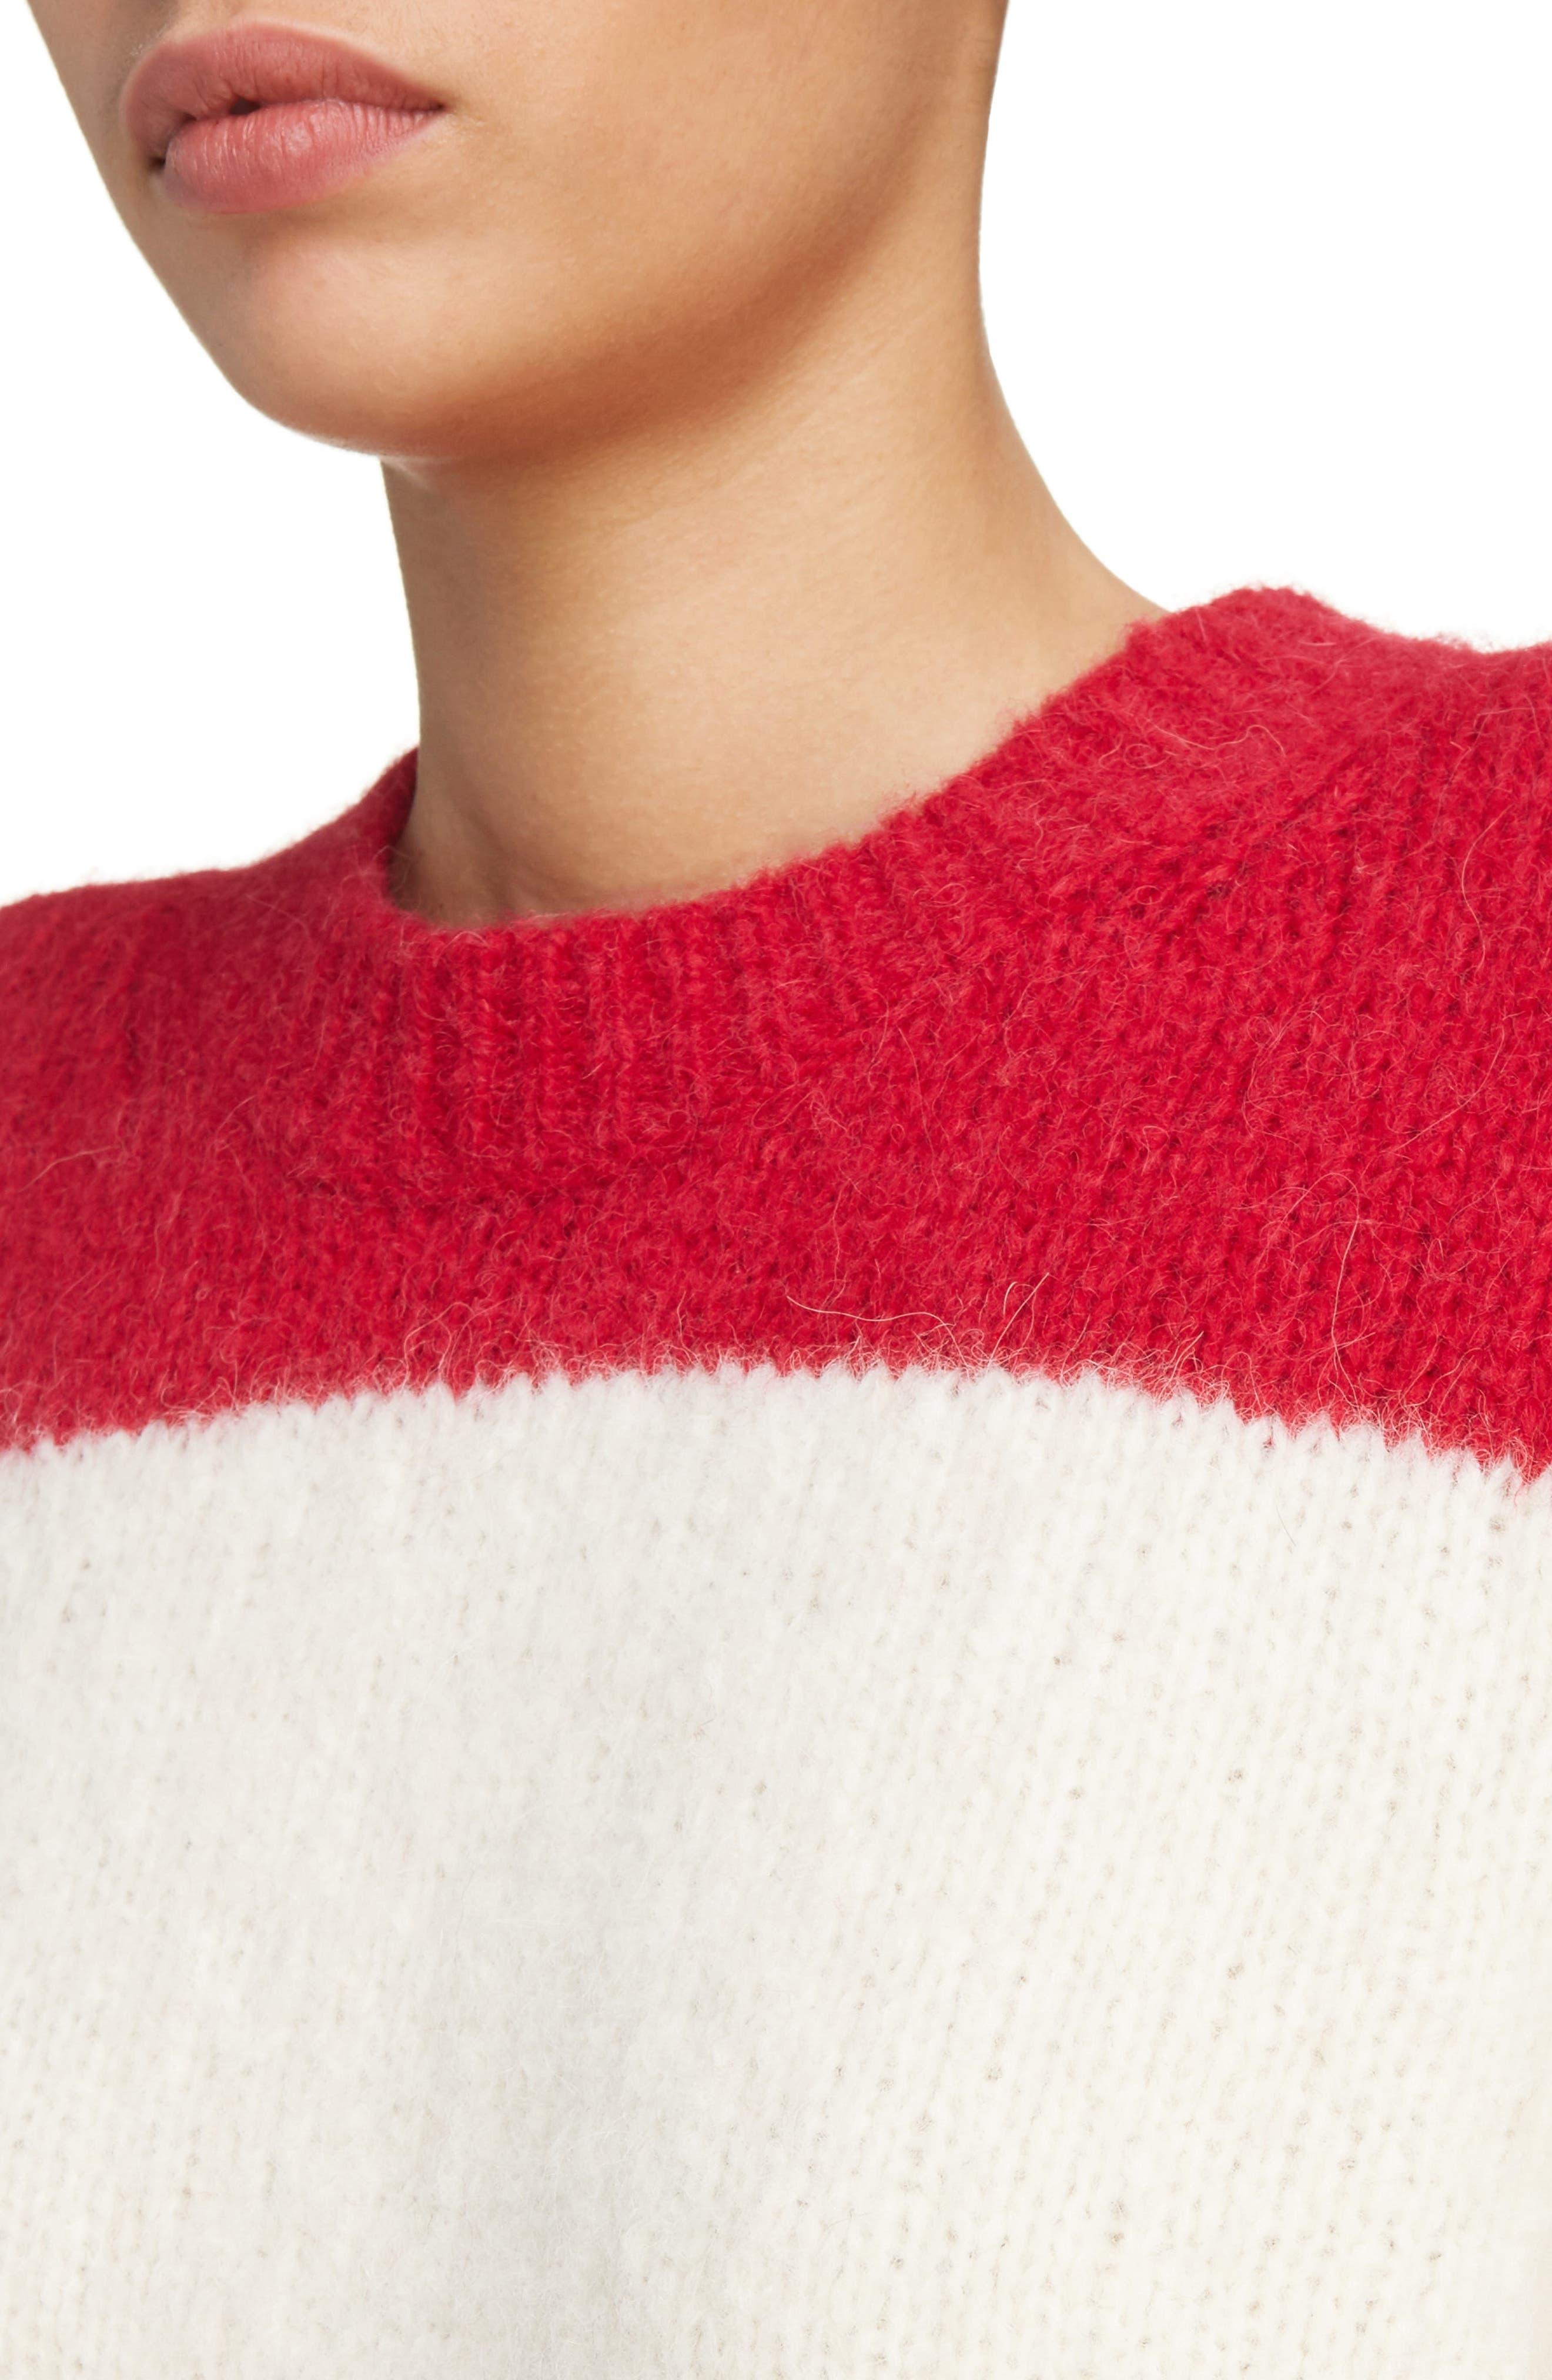 Albah Oversized Stripe Sweater,                             Alternate thumbnail 4, color,                             Red/ White